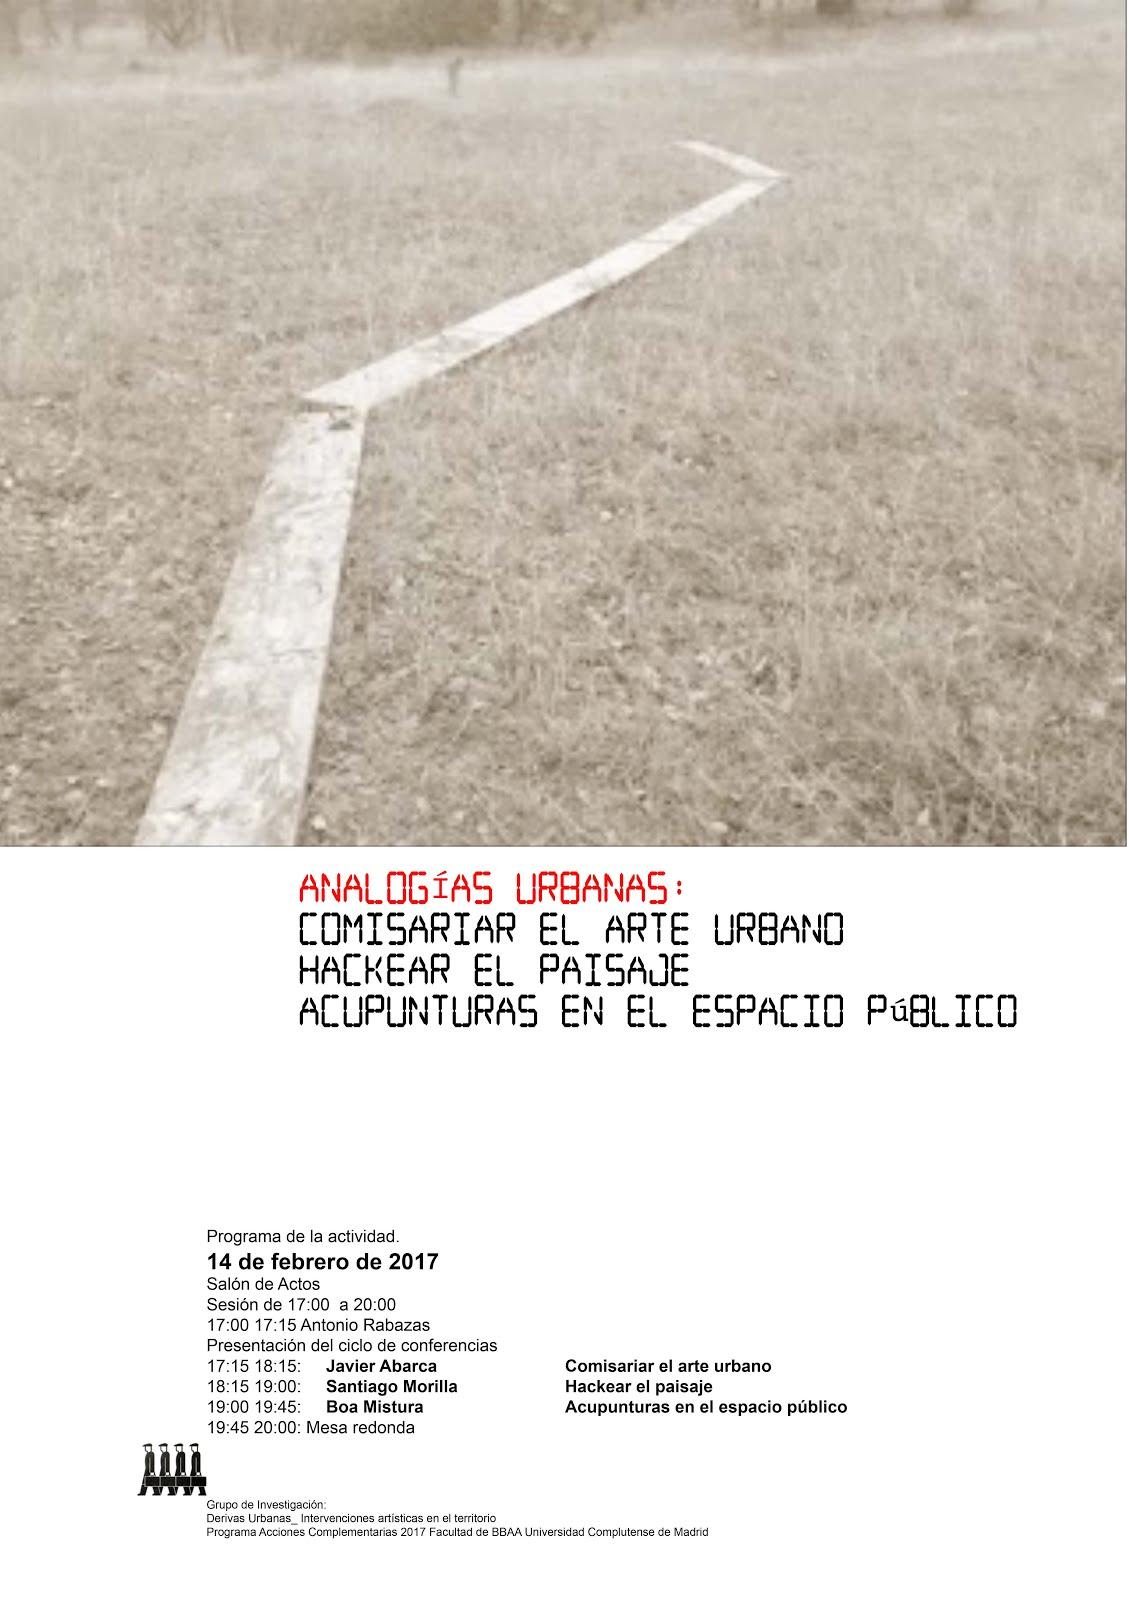 ANALOGÍAS URBANAS:  Comisariar el arte urbano Hackear el paisaje Acupuntura en el espacio público